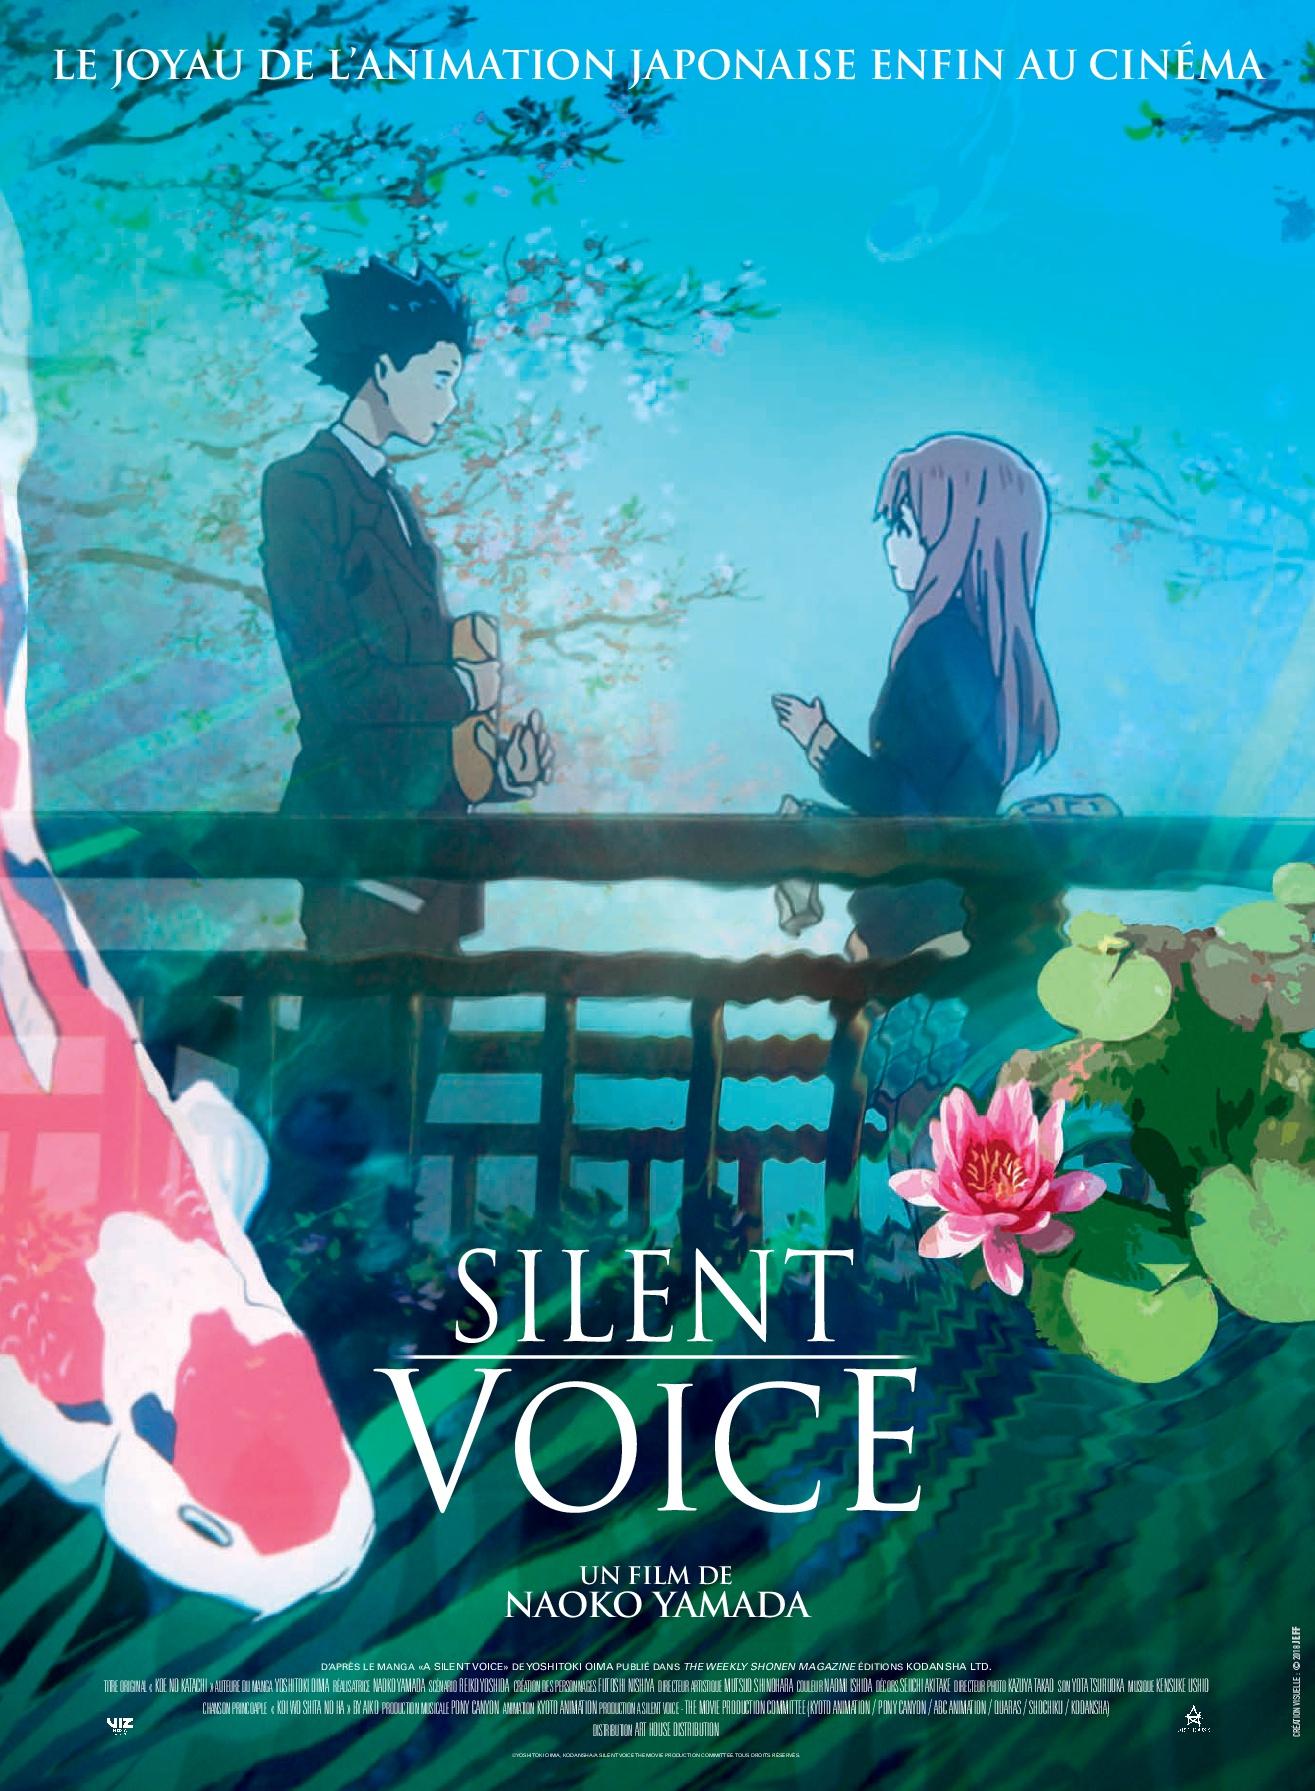 Silent_Voice_Affiche_jpg-1531487945.jpg